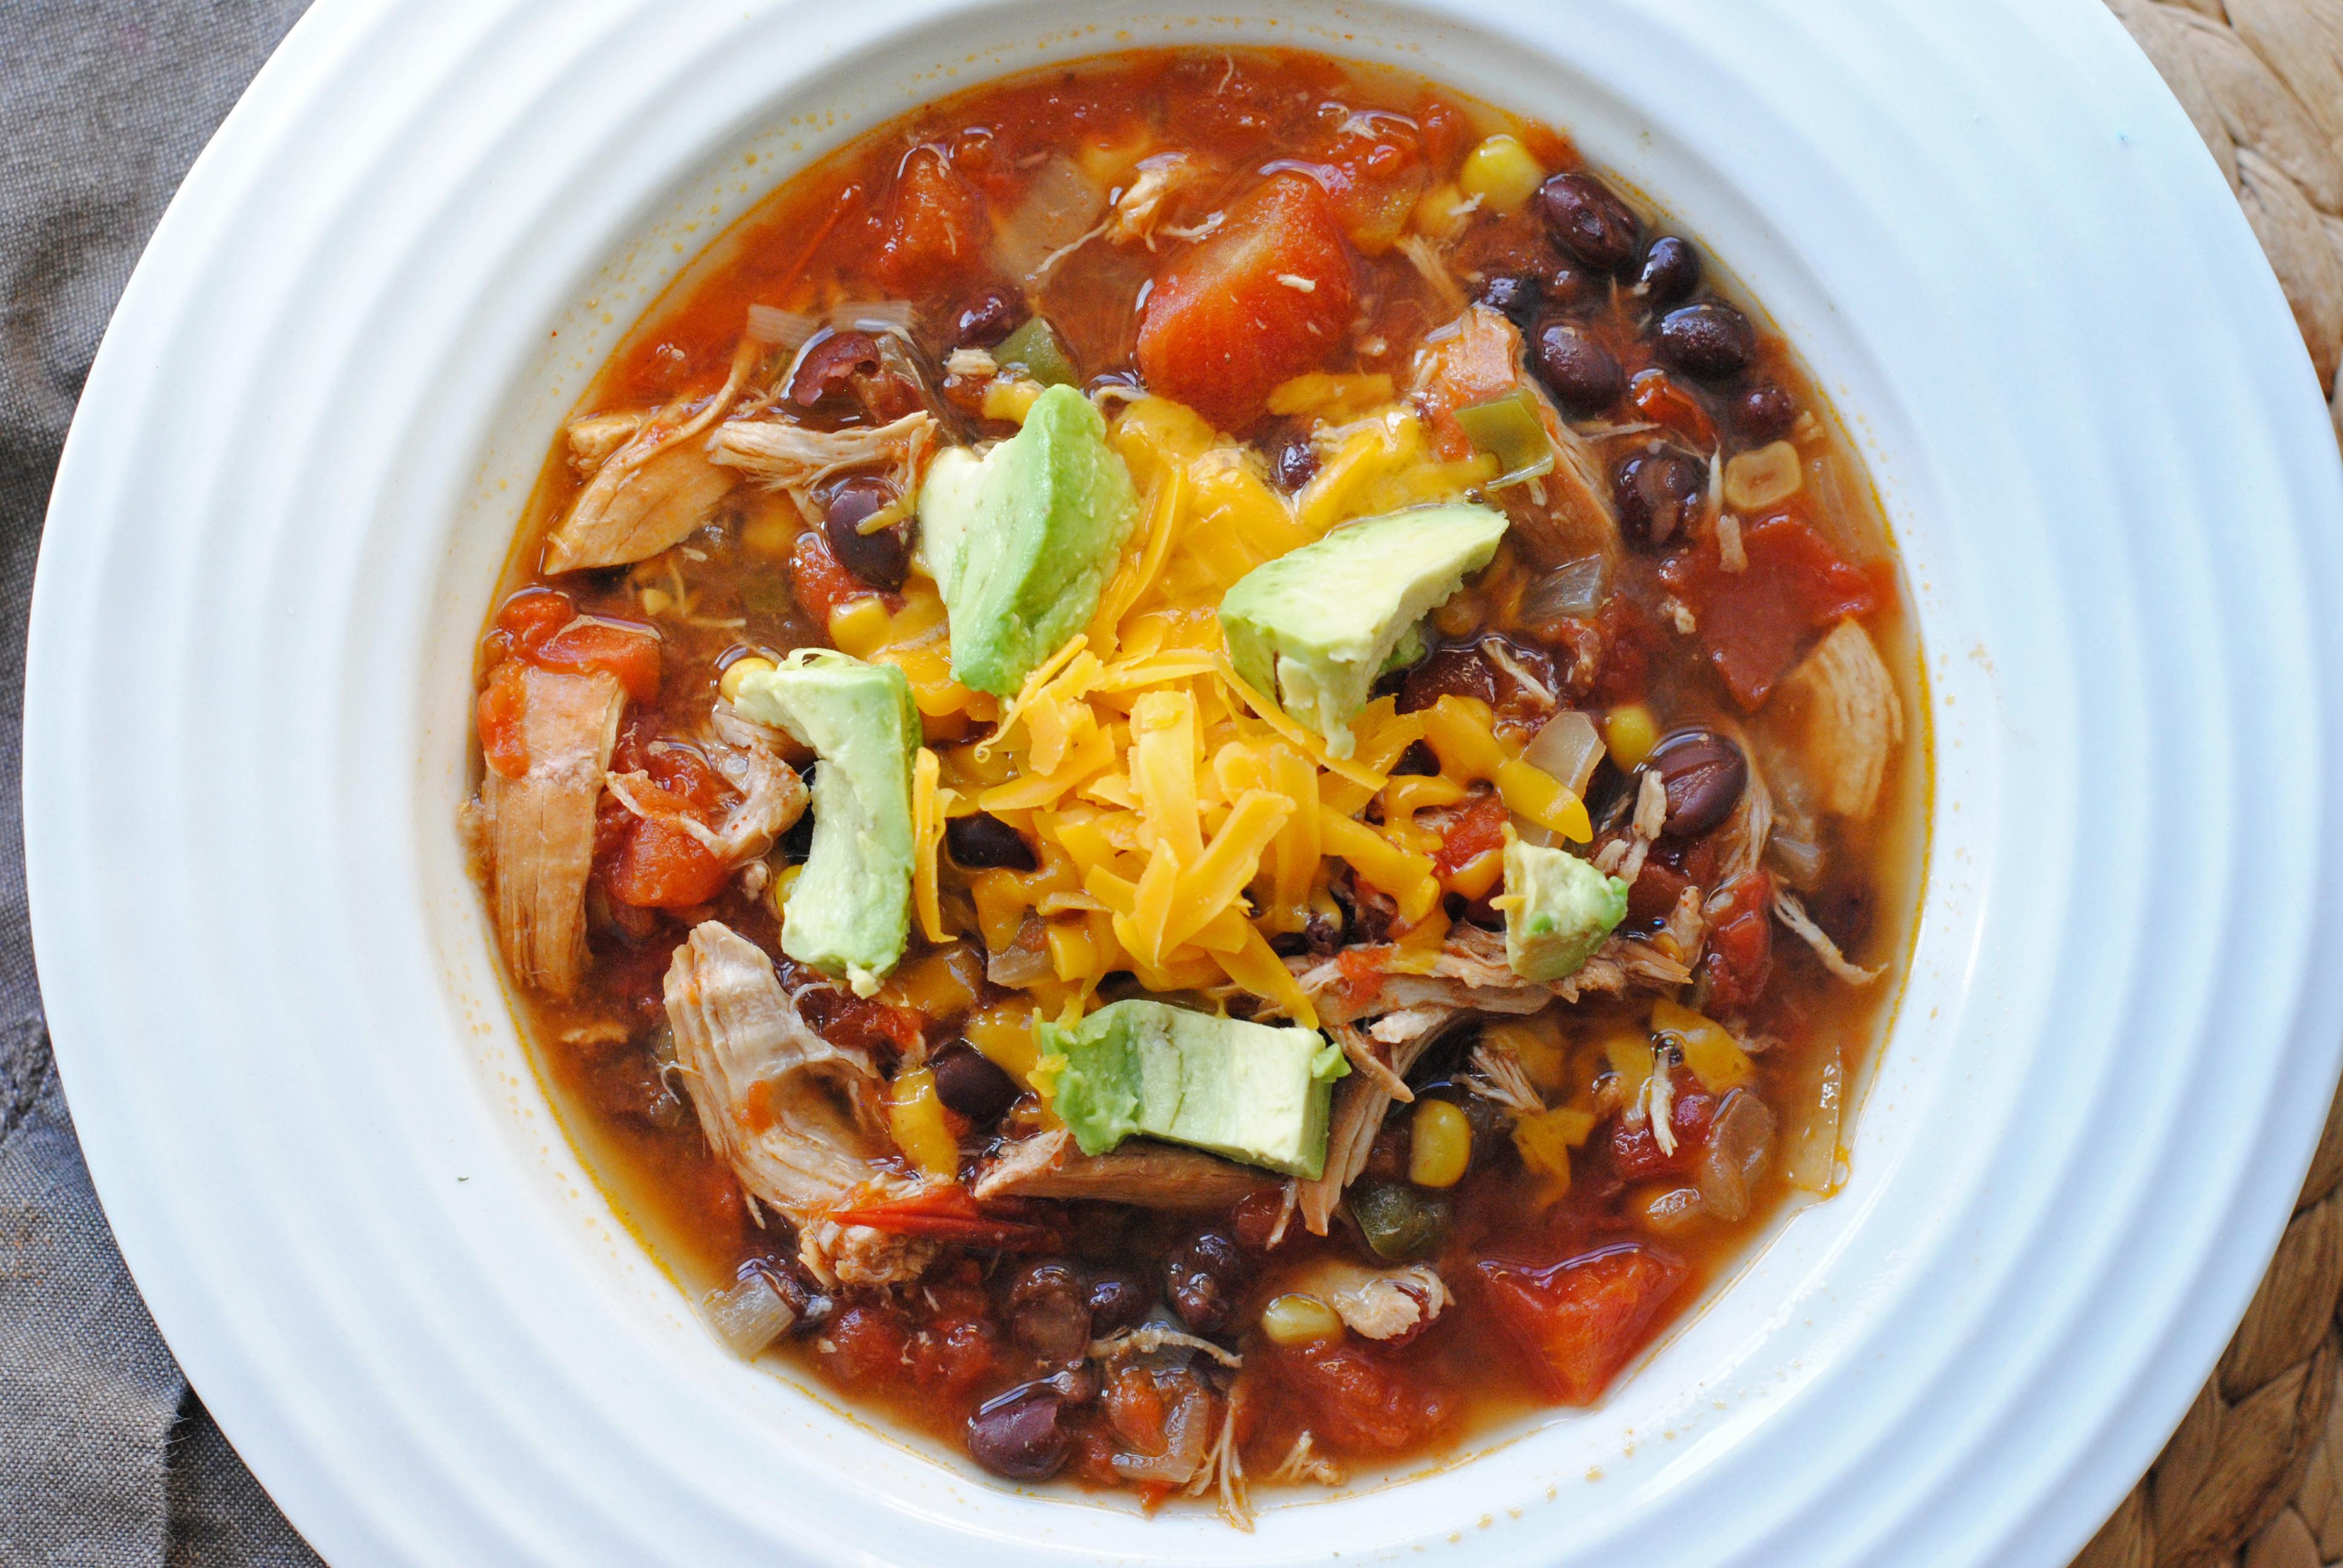 Crock Pot Soups Healthy  HEALTHY CROCK POT RECIPES TORTILLA SOUP